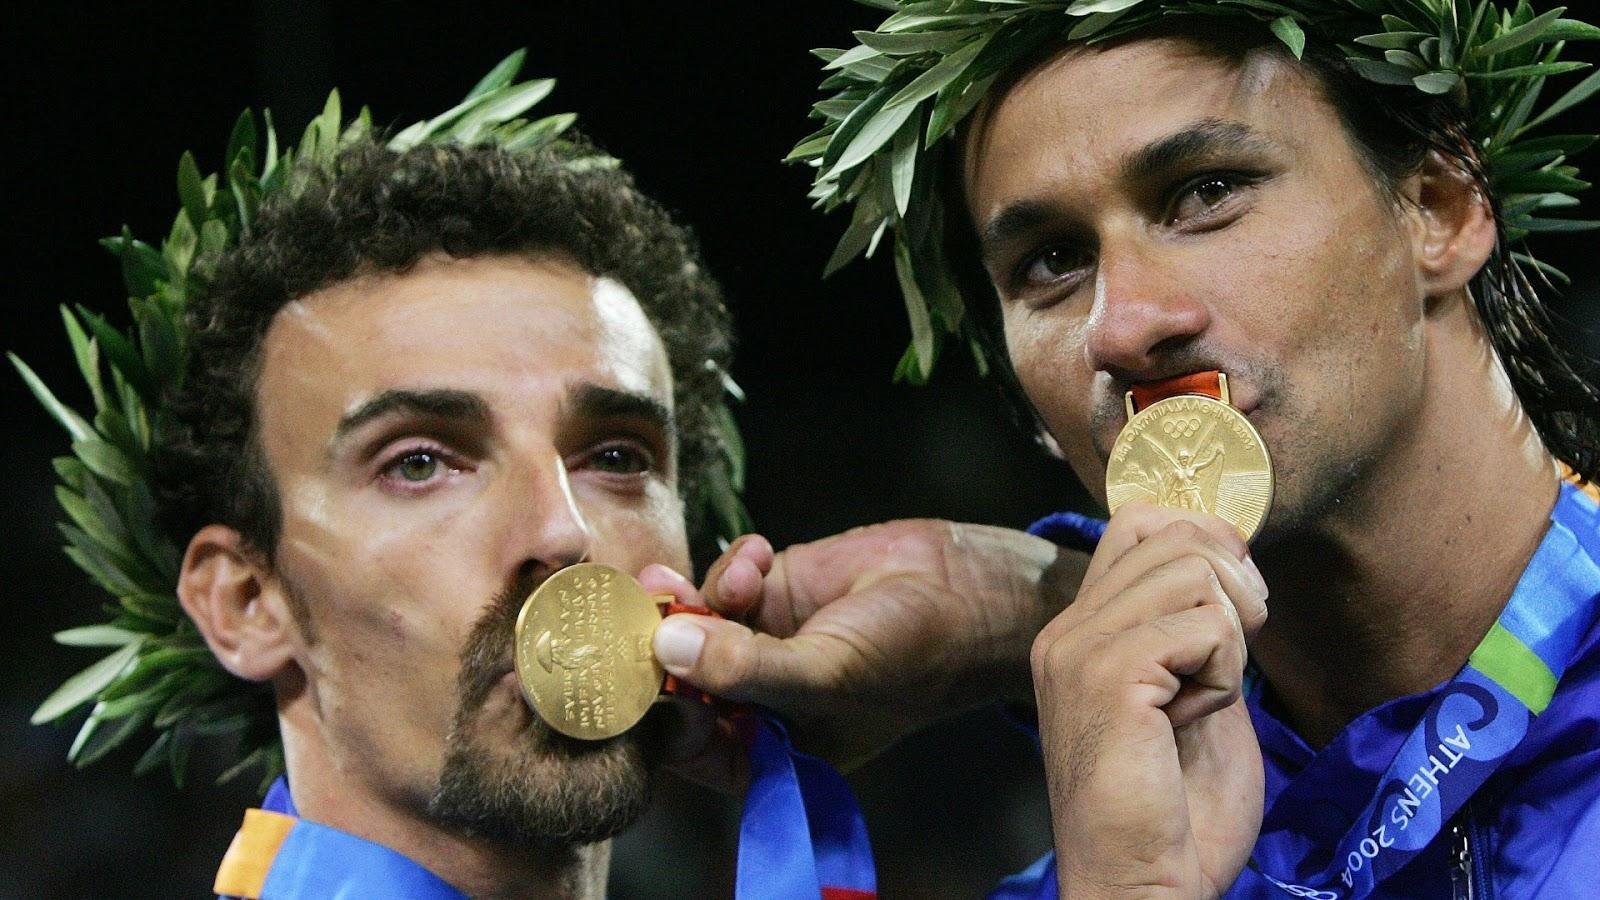 Ricardo e Emanuel foram medalhistas de ouro na Olimpíada de Atenas, em 2004